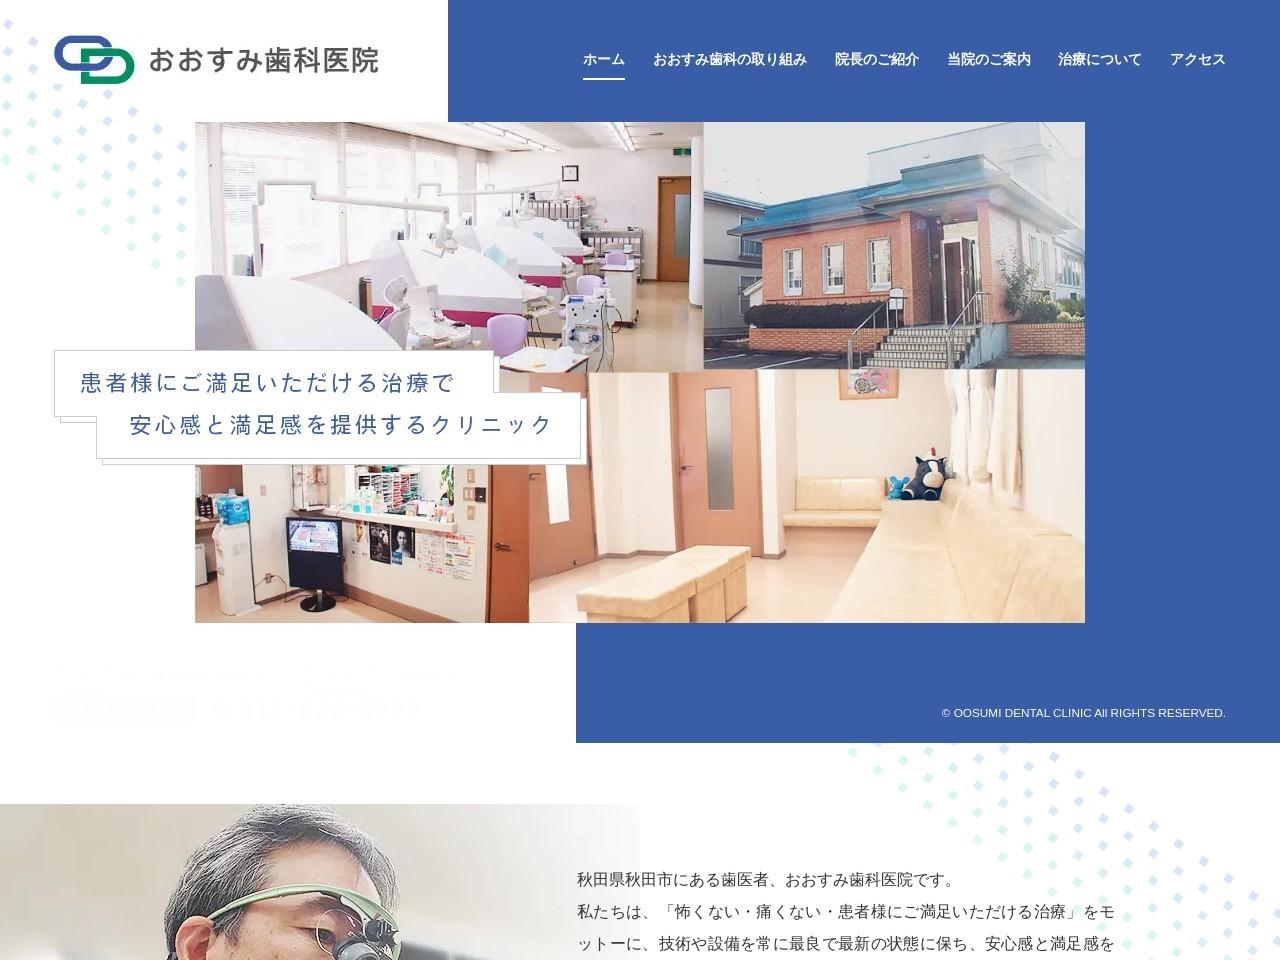 医療法人  おおすみ歯科医院 (秋田県秋田市)